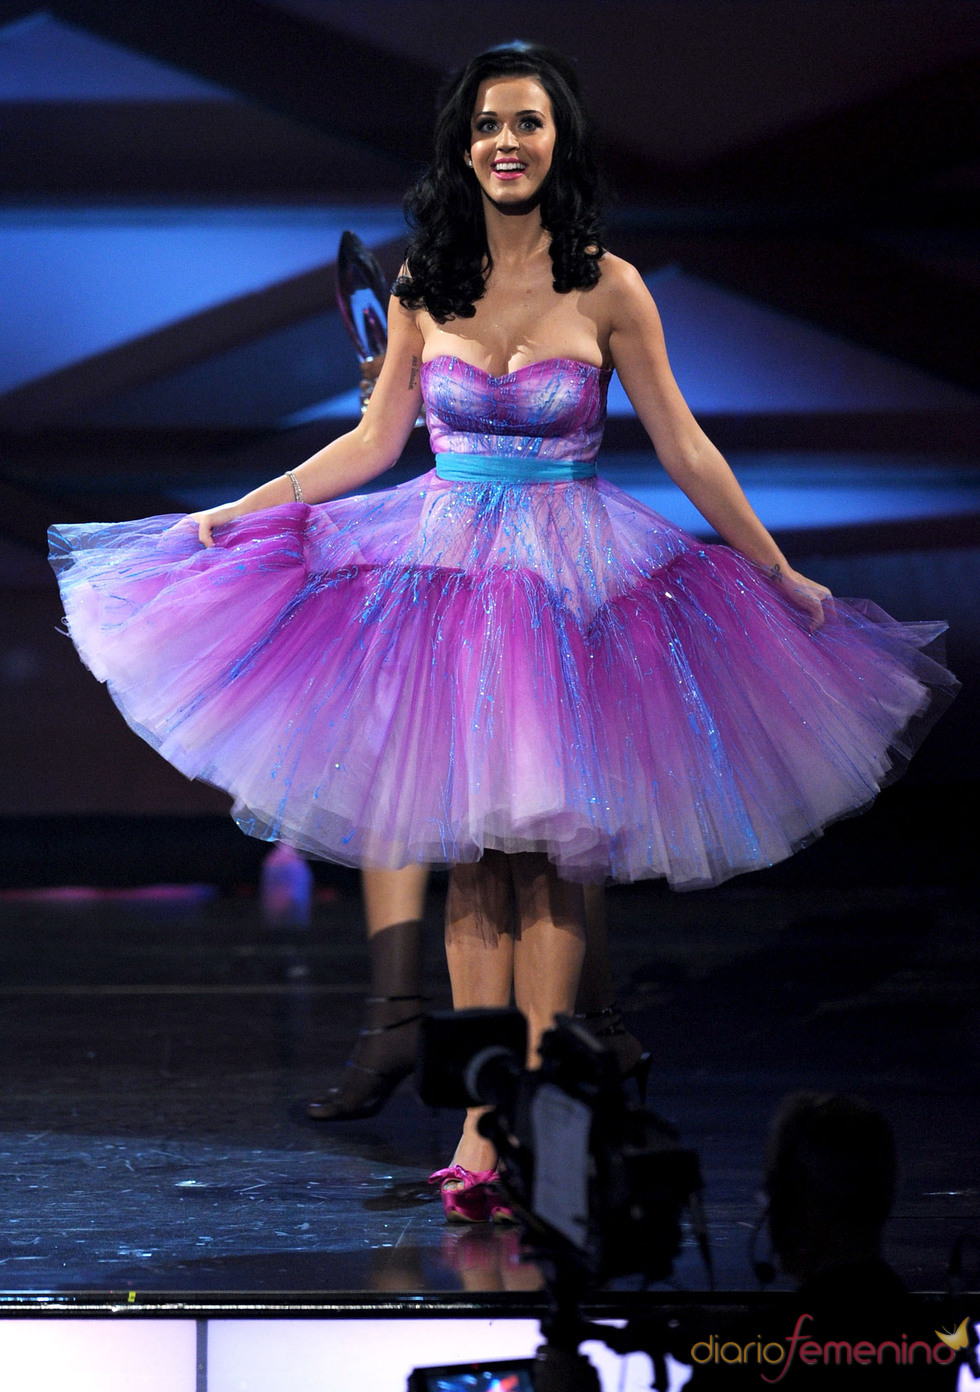 El vestido de Katy Perry en el People's Choice Awards 2011